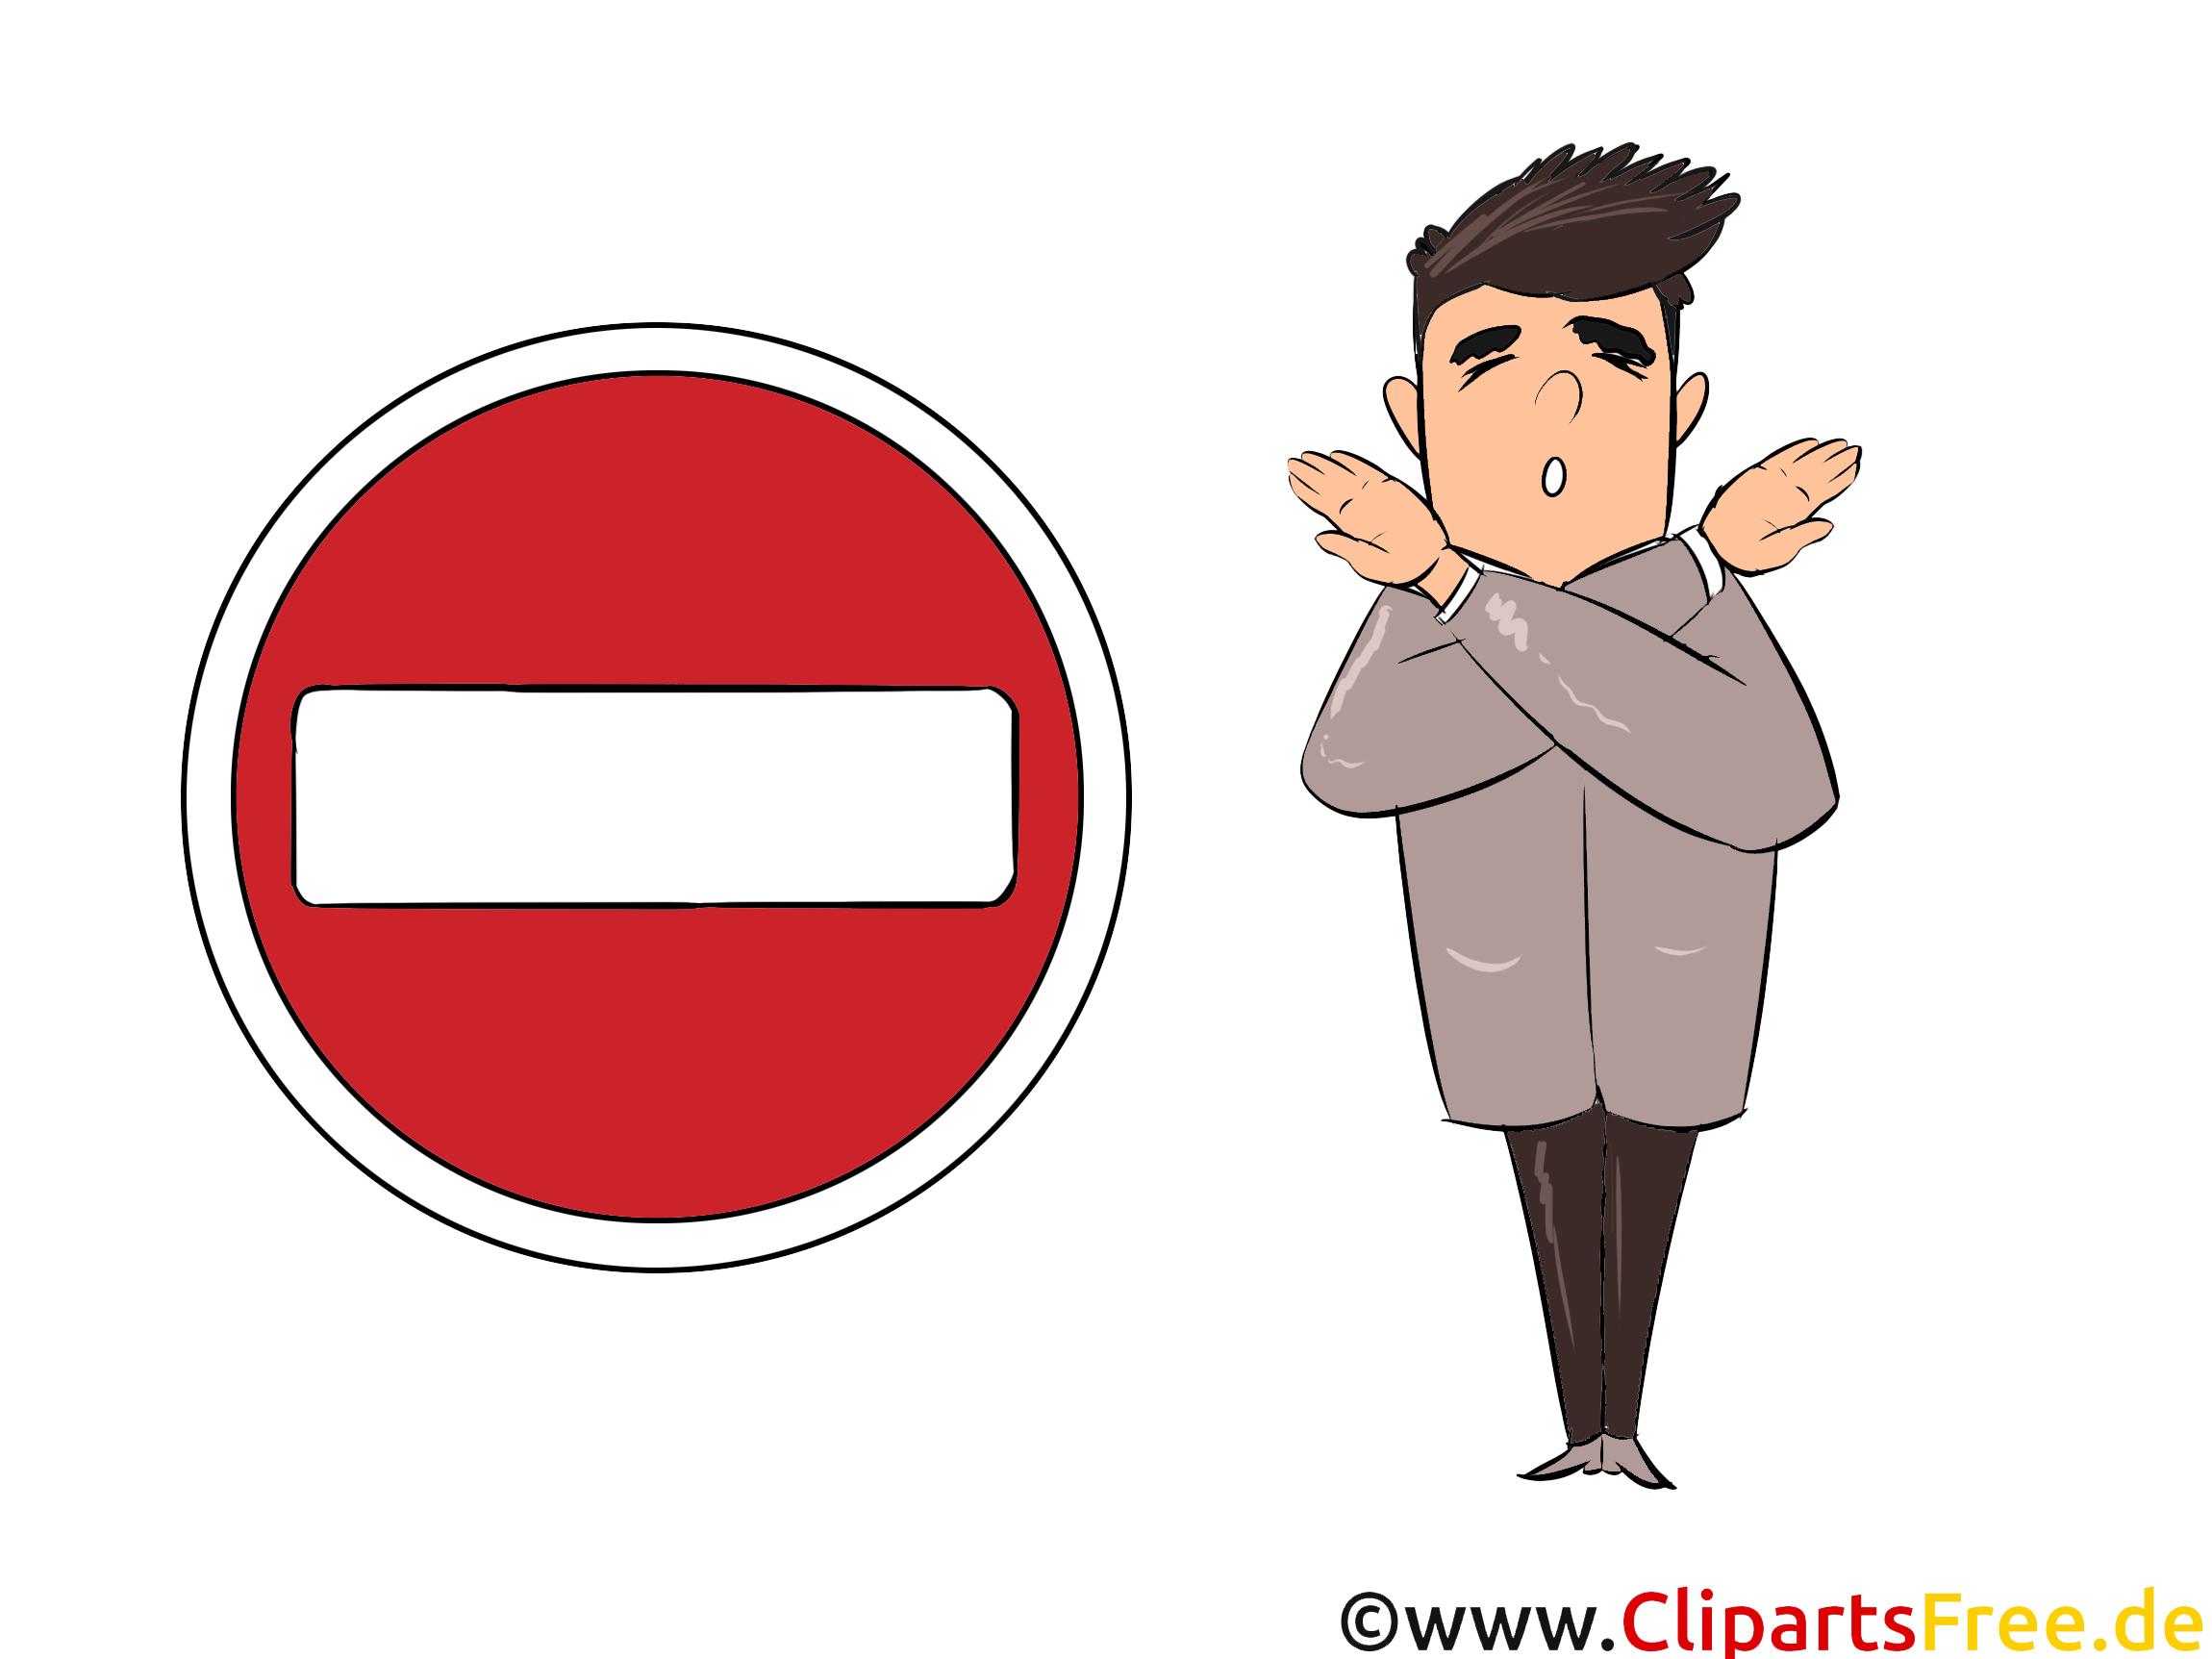 Verkehrszeichen Bilder - Verbot der Einfahrt